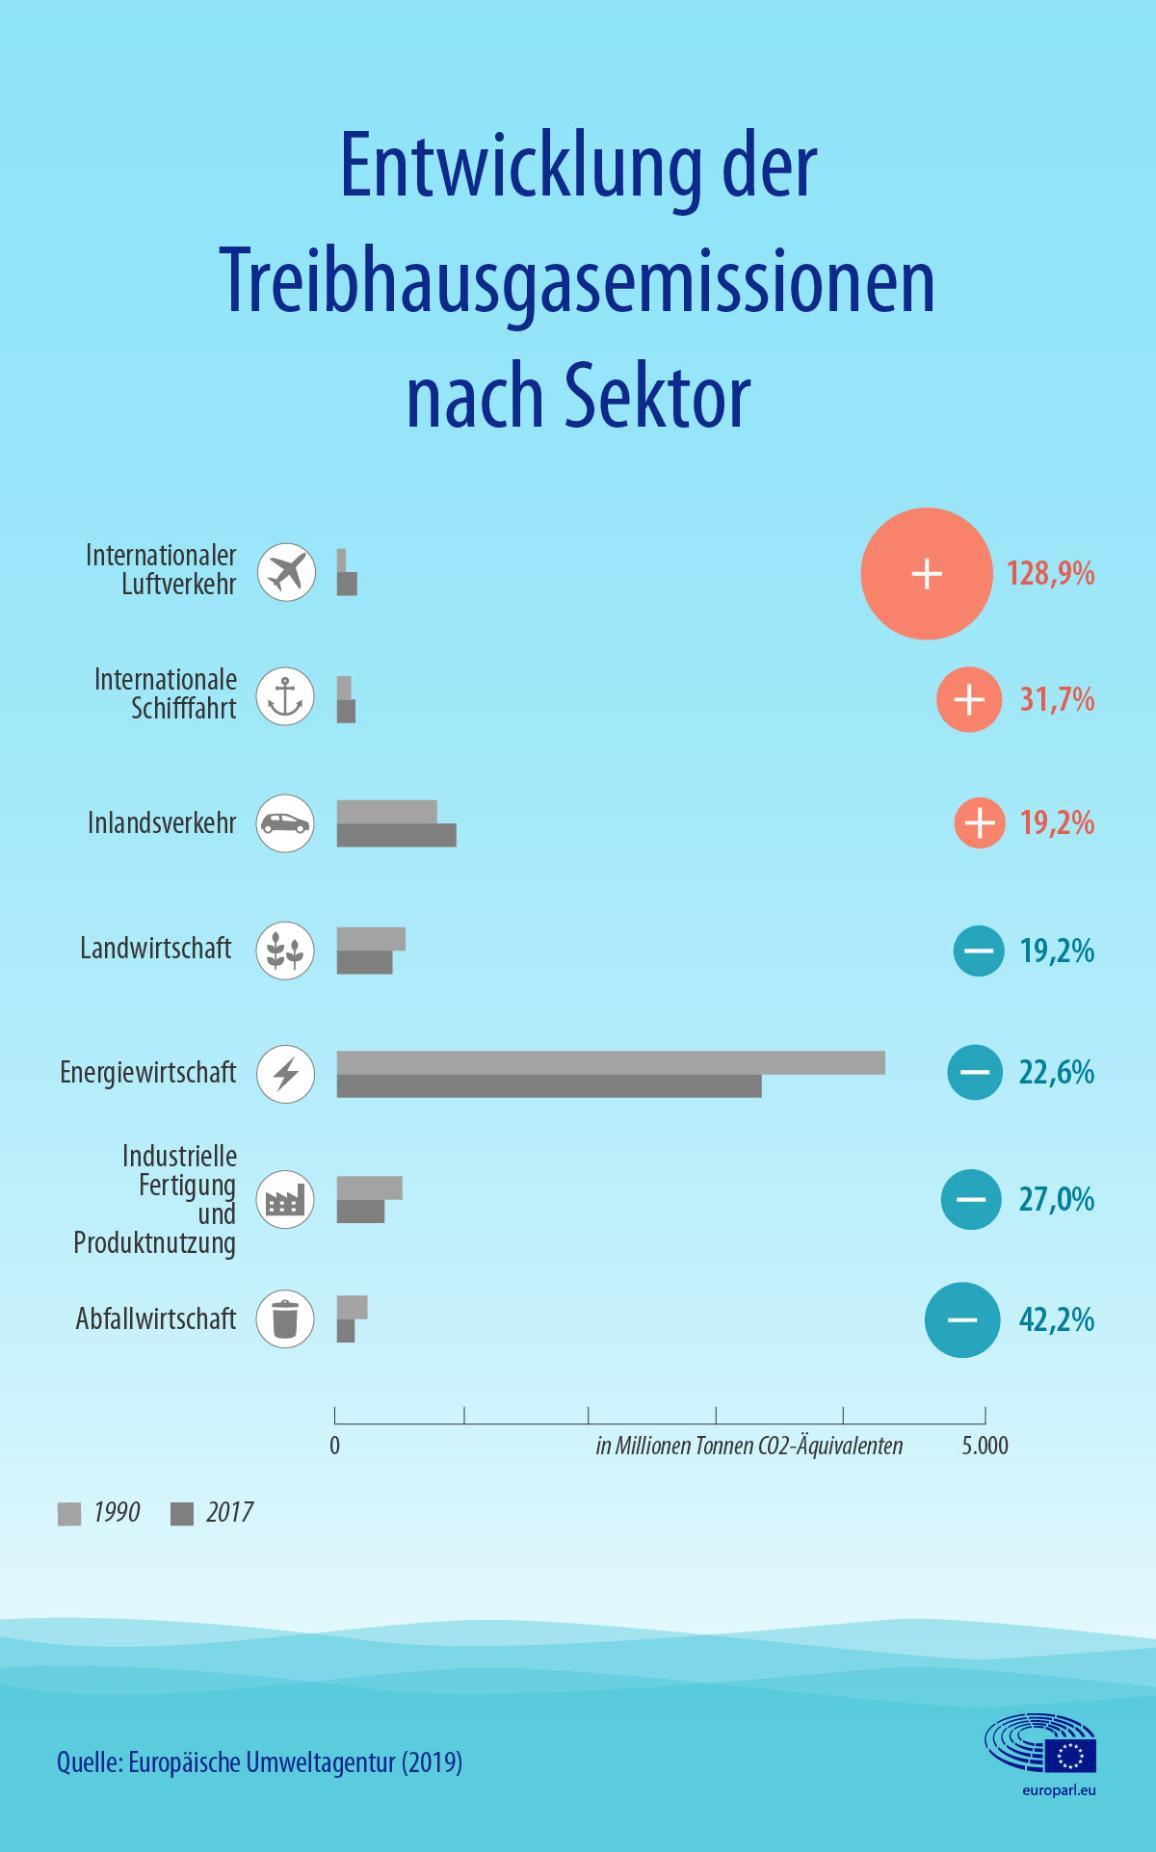 infographic illuInfografik zur Entwicklung der Treibhausgasemissionen nach Sektor, inklusive Luftfahrt und Schiffsverkehrstration